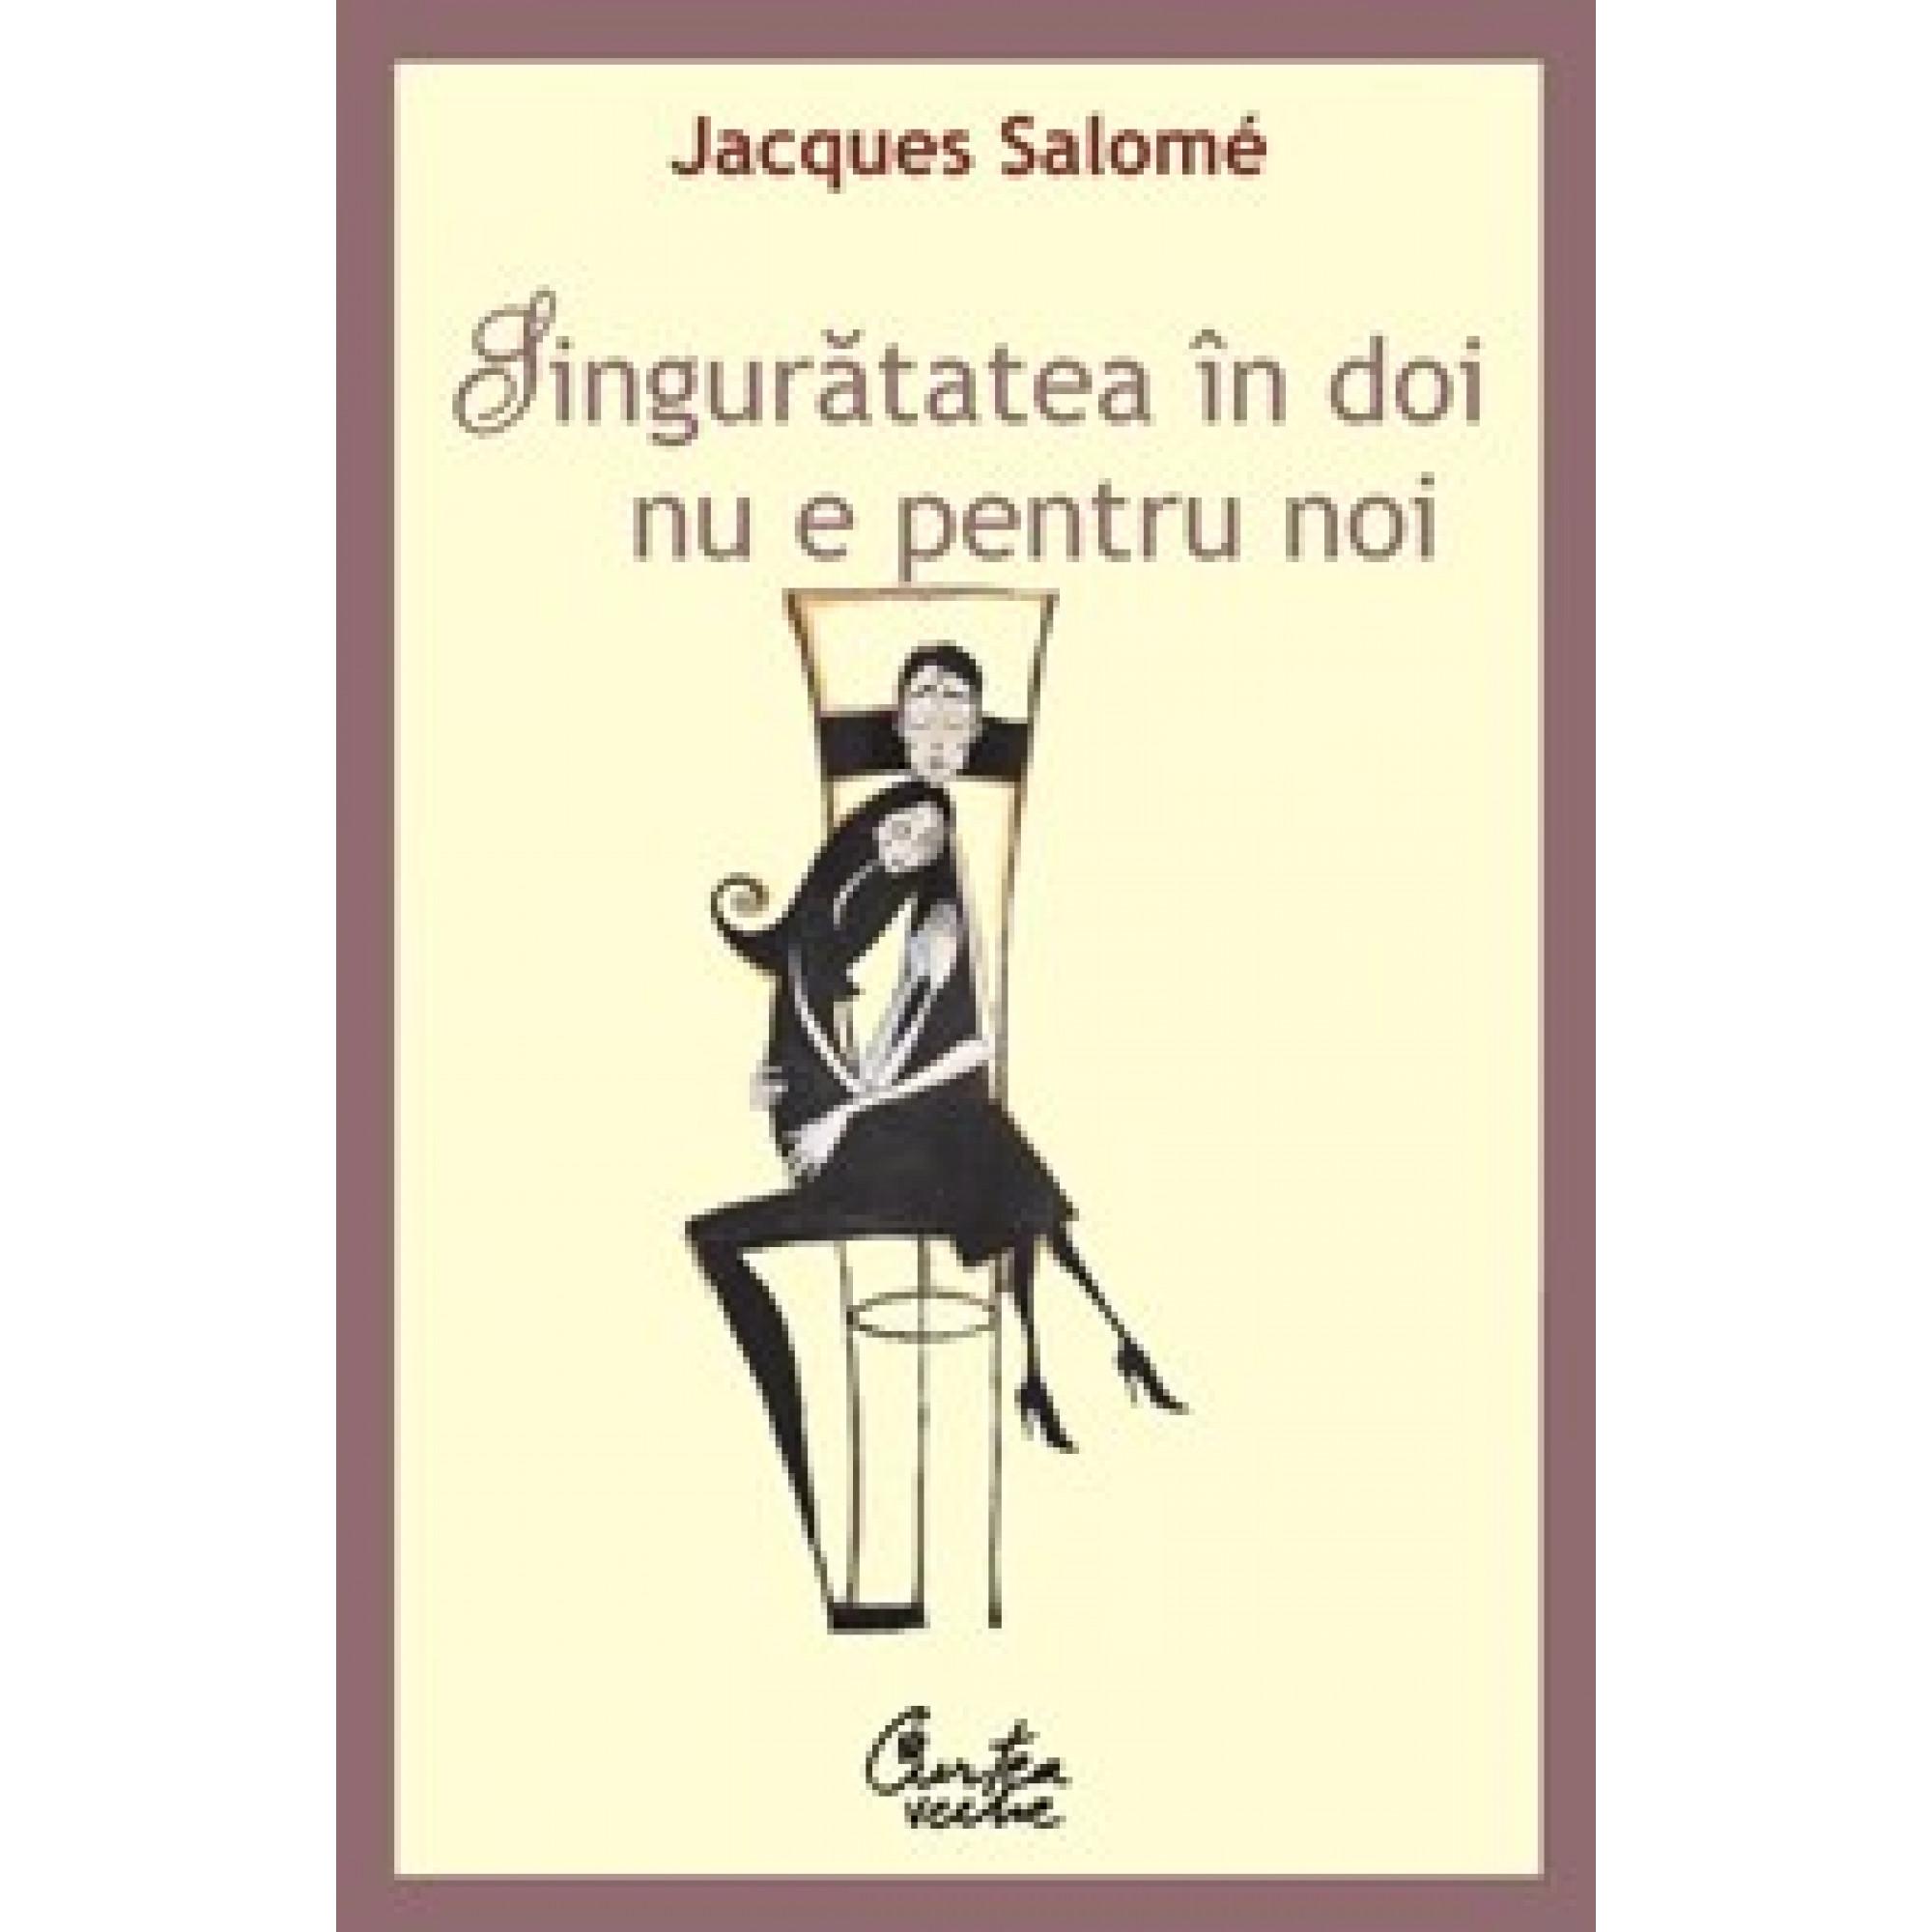 Singuratatea in doi nu e pentru noi; Jacques Salomé